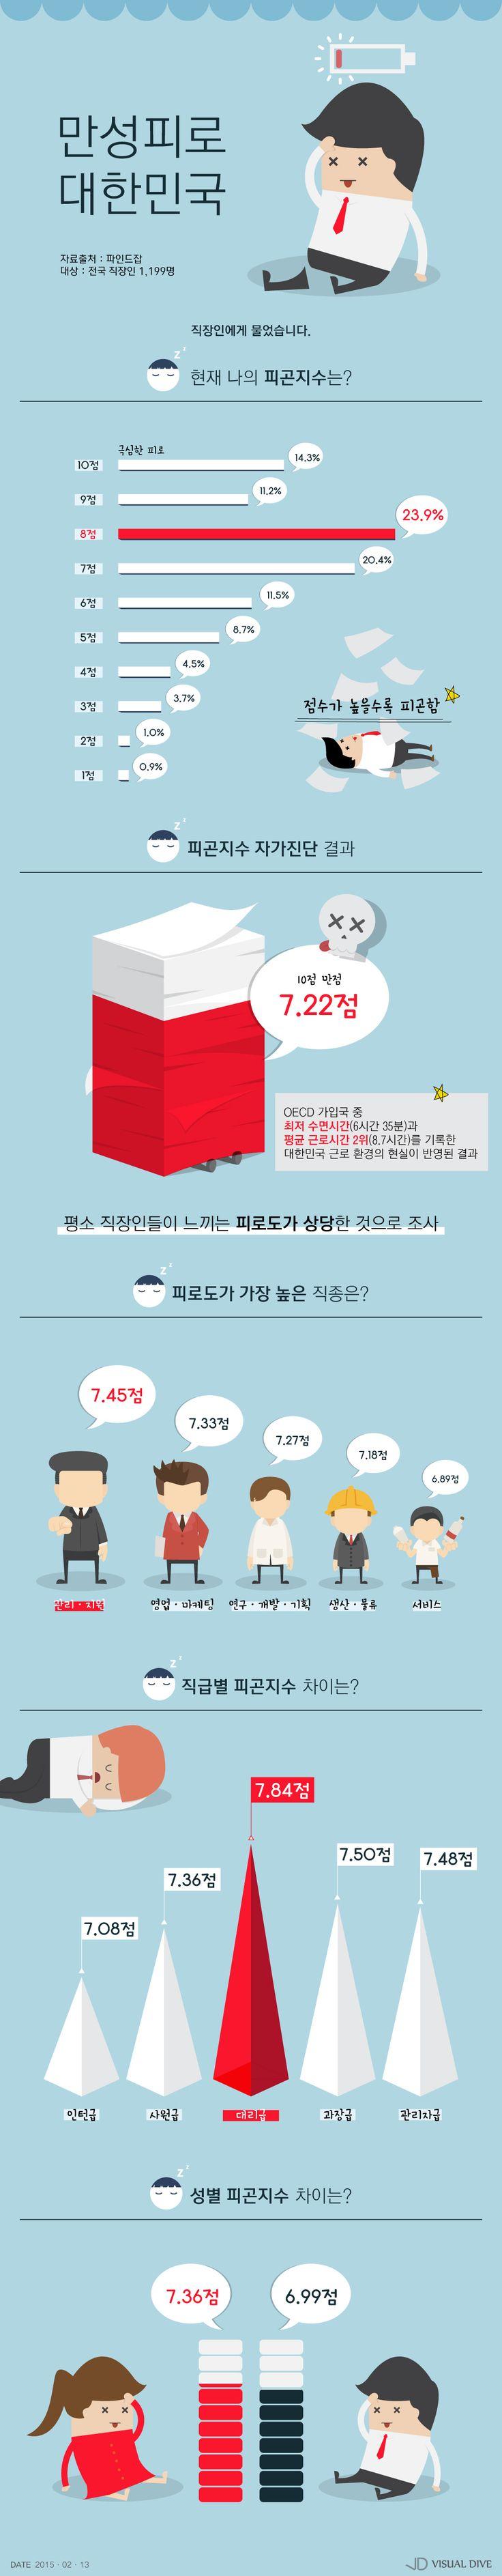 직장인 피곤지수, 10점 만점에 7.22점…30대 여성 대리 '가장 높아' [인포그래픽] #office worker / #Infographic ⓒ 비주얼다이브 무단 복사·전재·재배포 금지